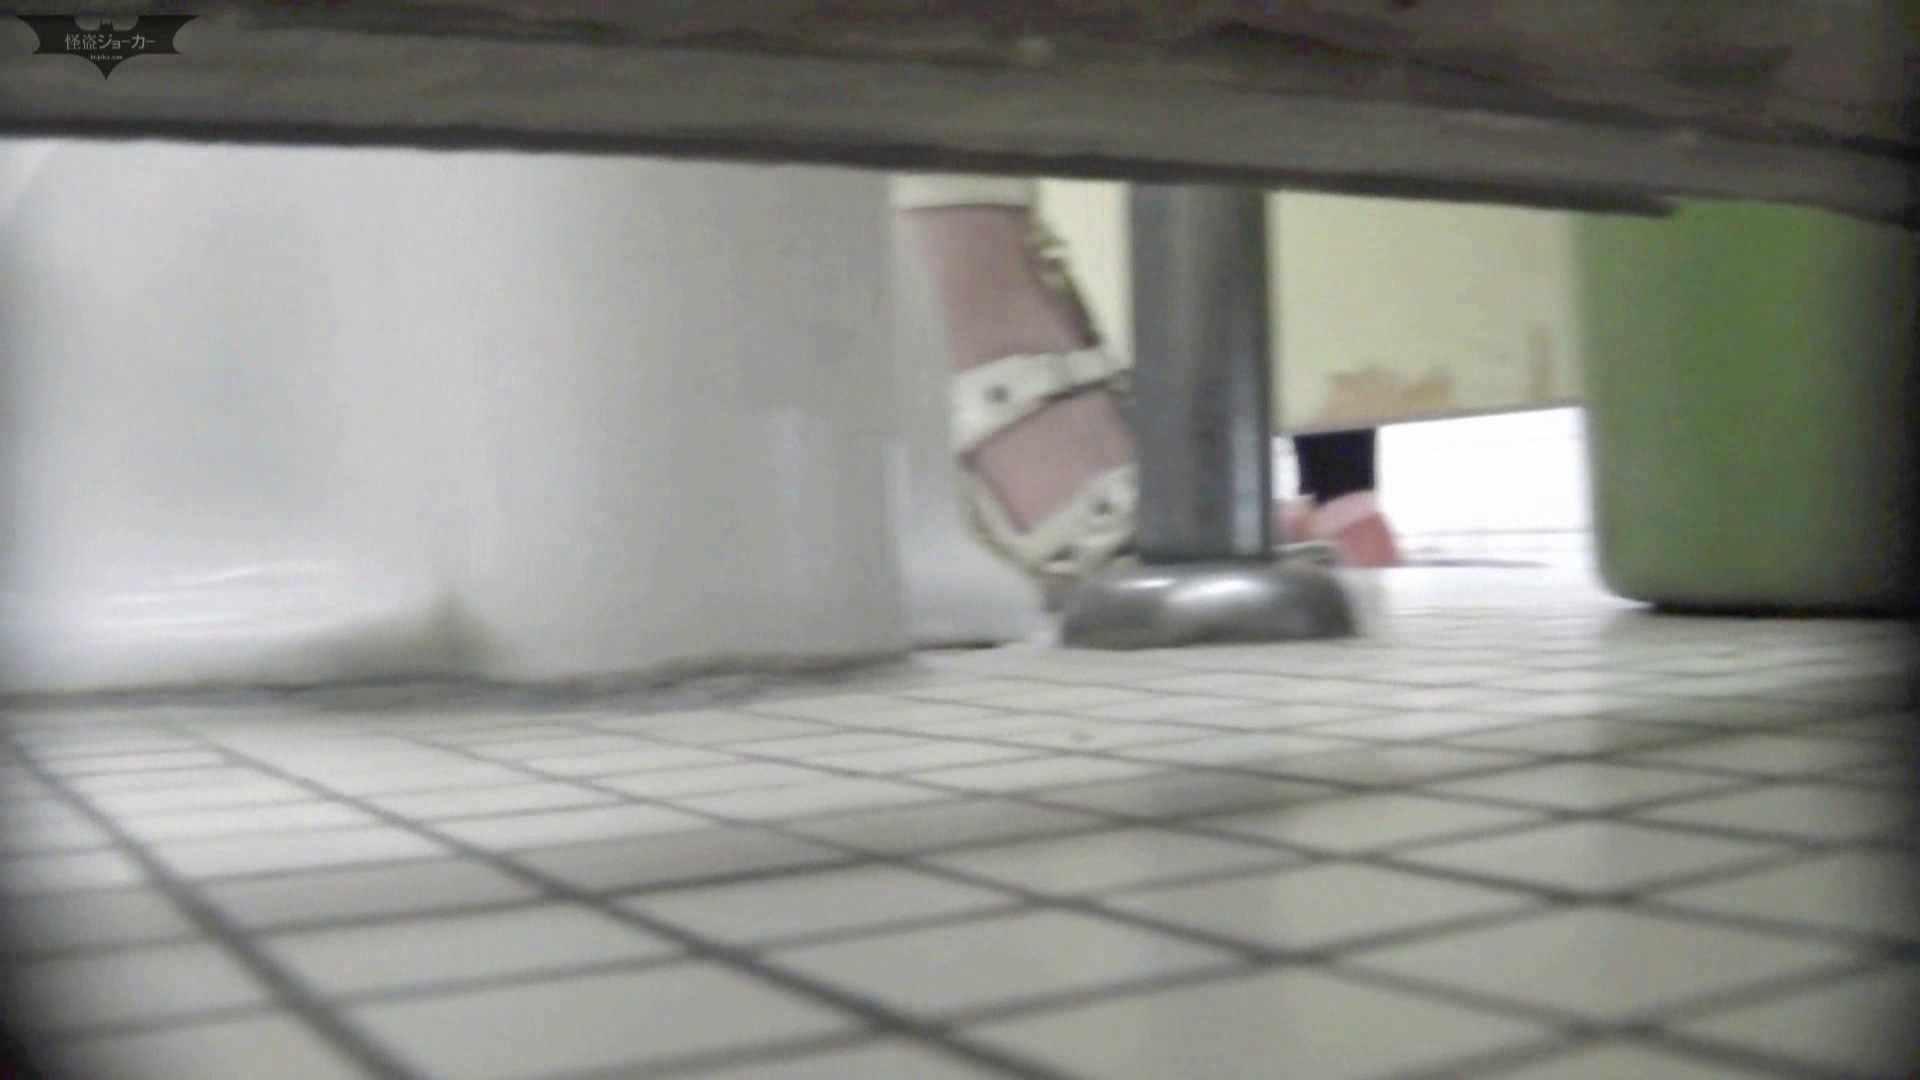 【潜入トイレ盗撮】洗面所特攻隊 vol.70 極上品の連続、歌いながら美女入室 盗撮エロすぎ | トイレ中  90連発 83